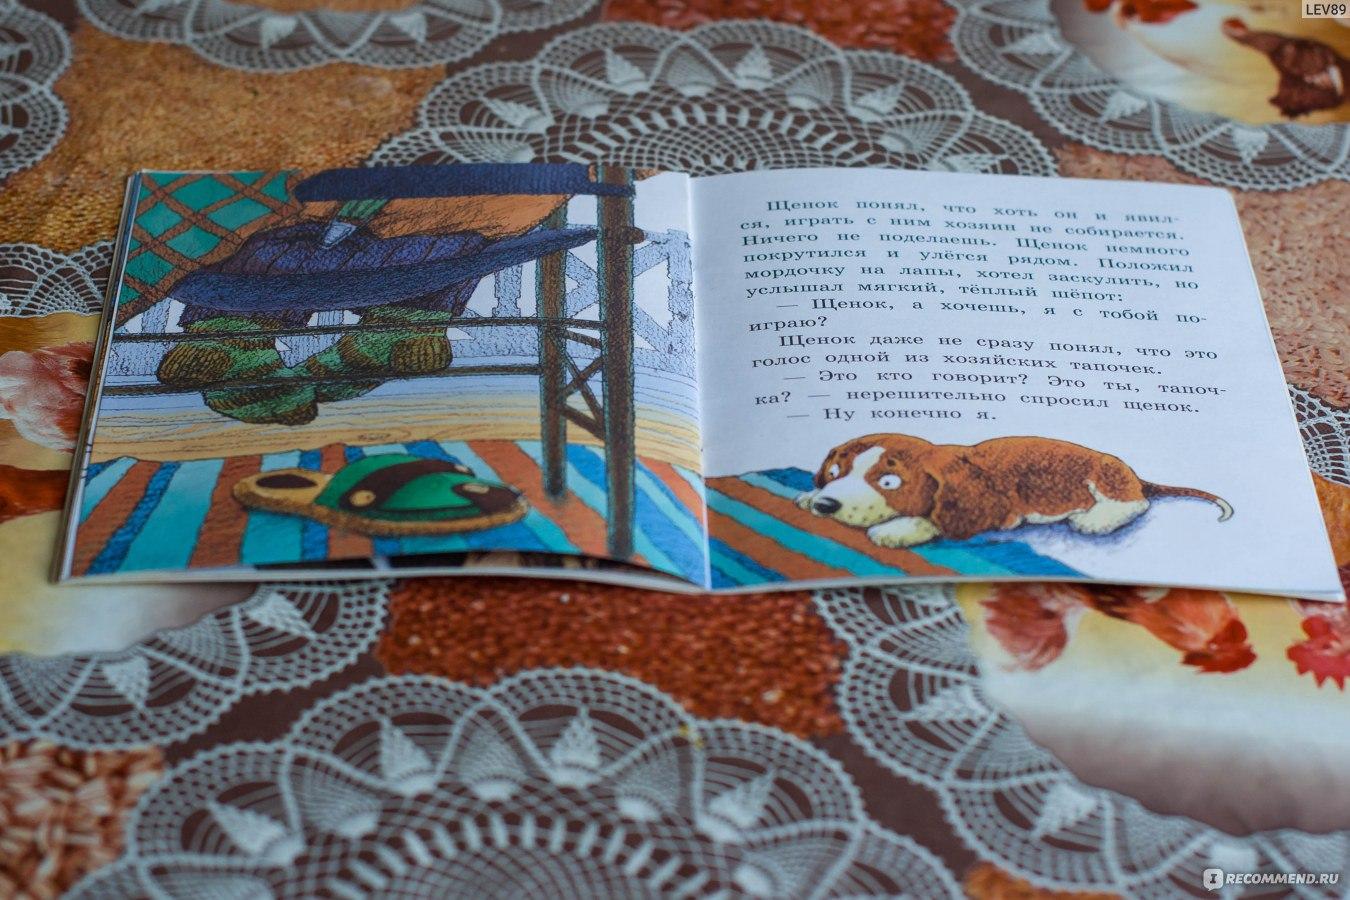 Читать сказку сказки-несказки: сова - виталий бианки, онлайн бесплатно с иллюстрациями.